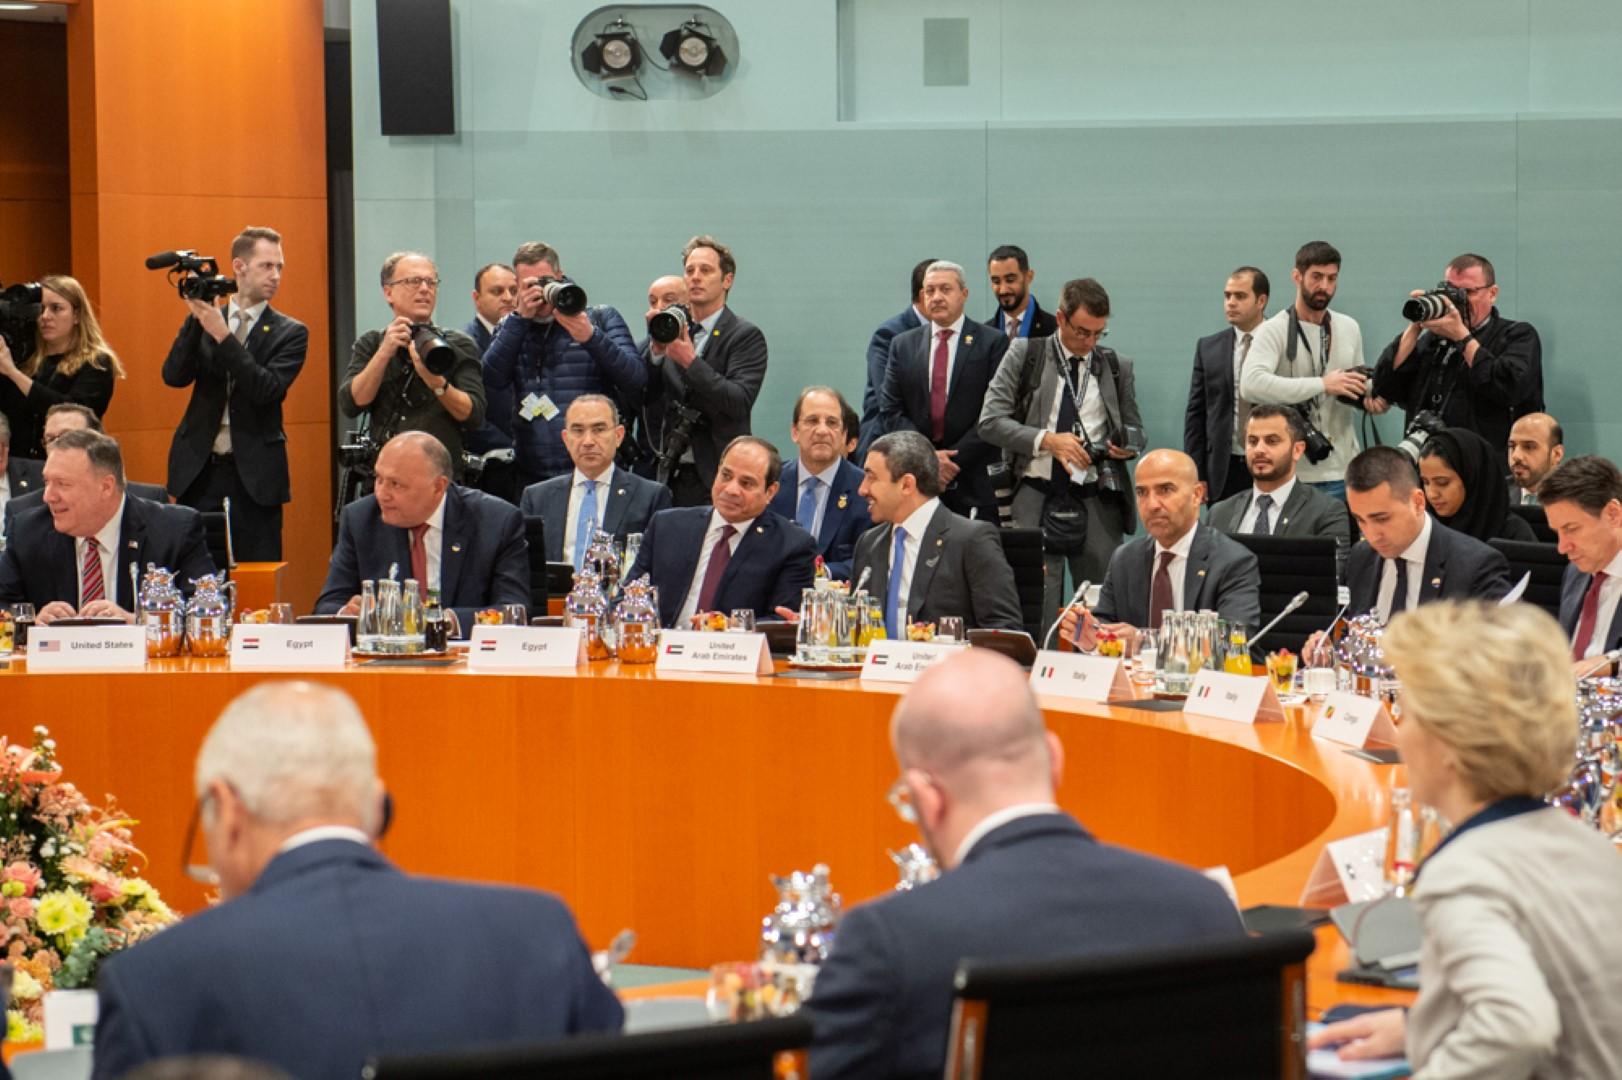 عبدالله بن زايد يترأس وفد الدولة في مؤتمر برلين حول ليبيا